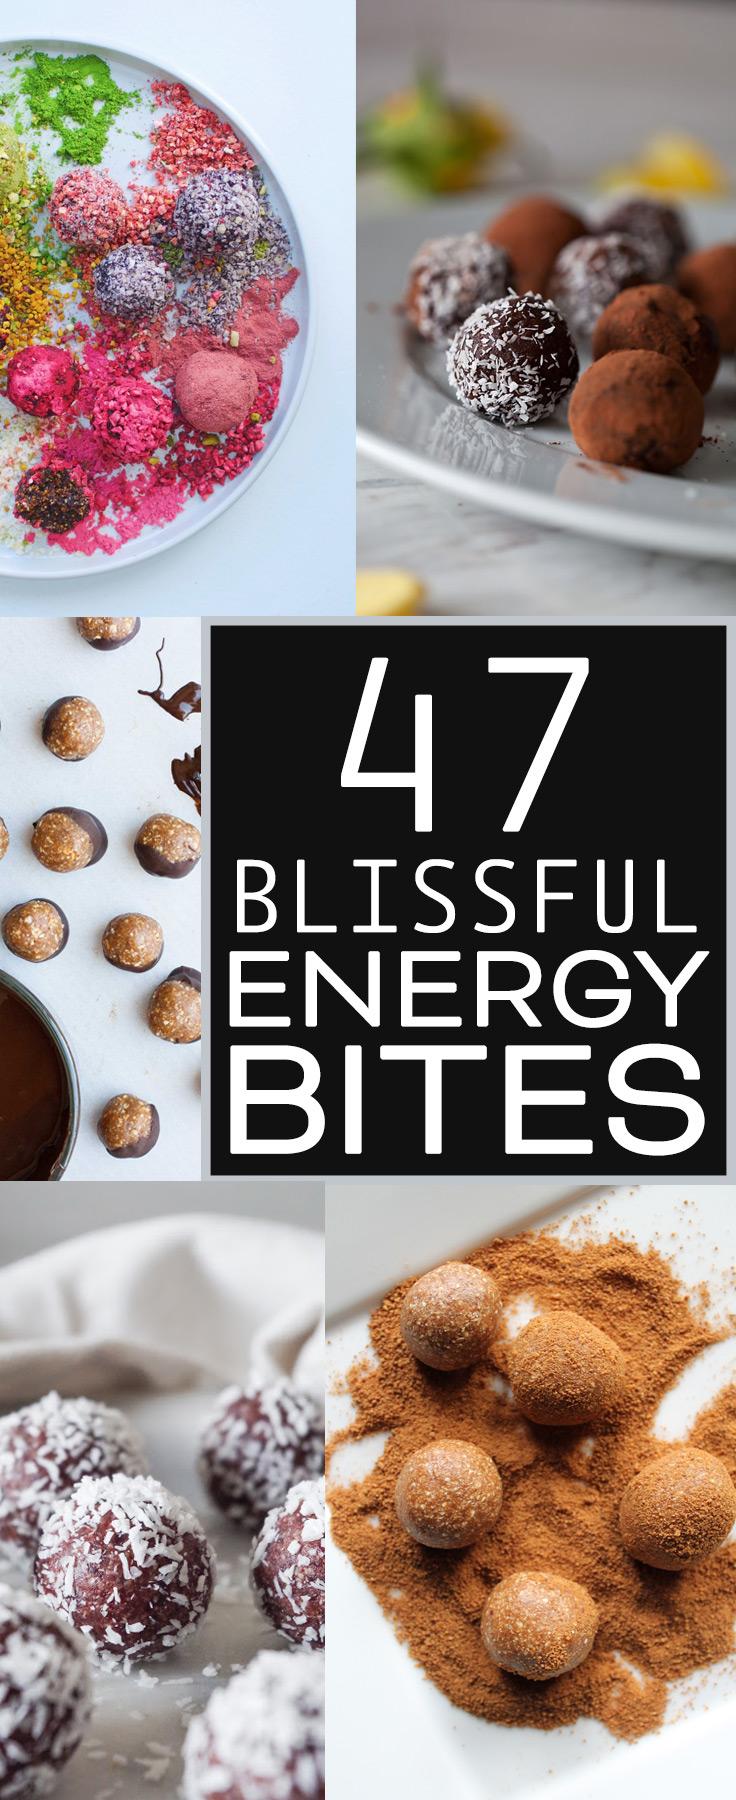 47 Blissful Vegan Energy Bite Recipes